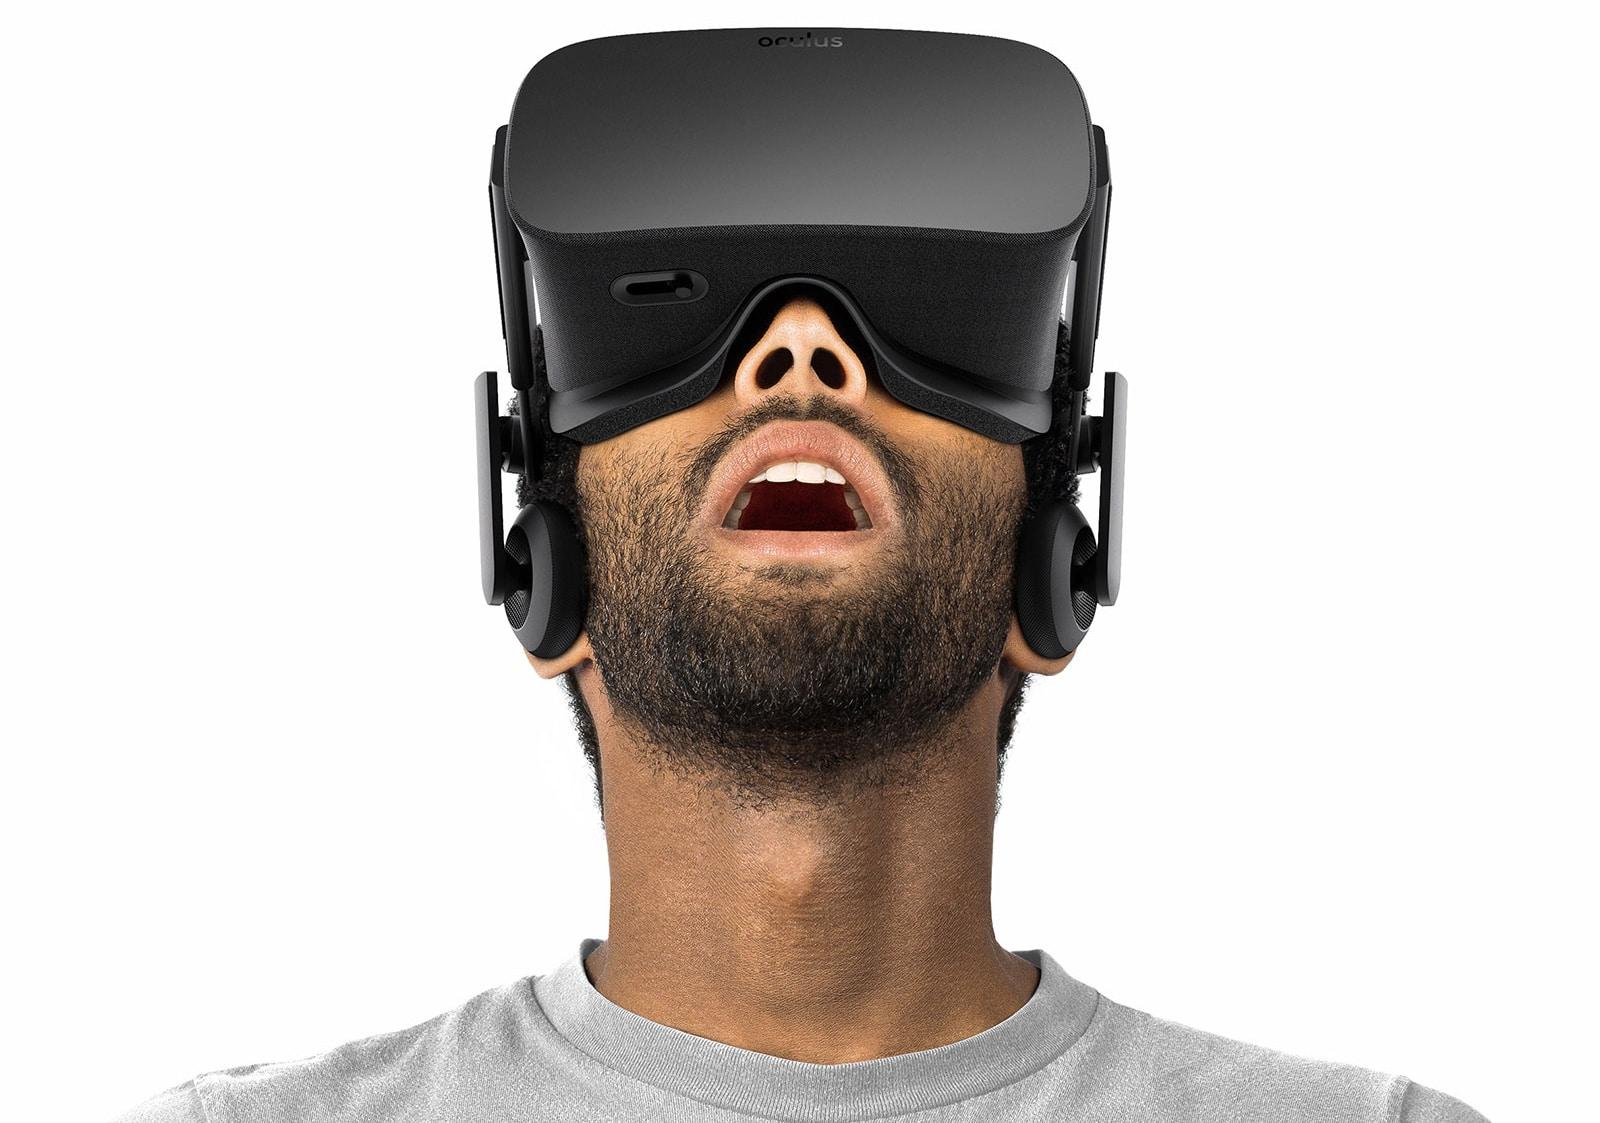 Bild von Oculus Rift ab 6. Januar vorbestellbar!